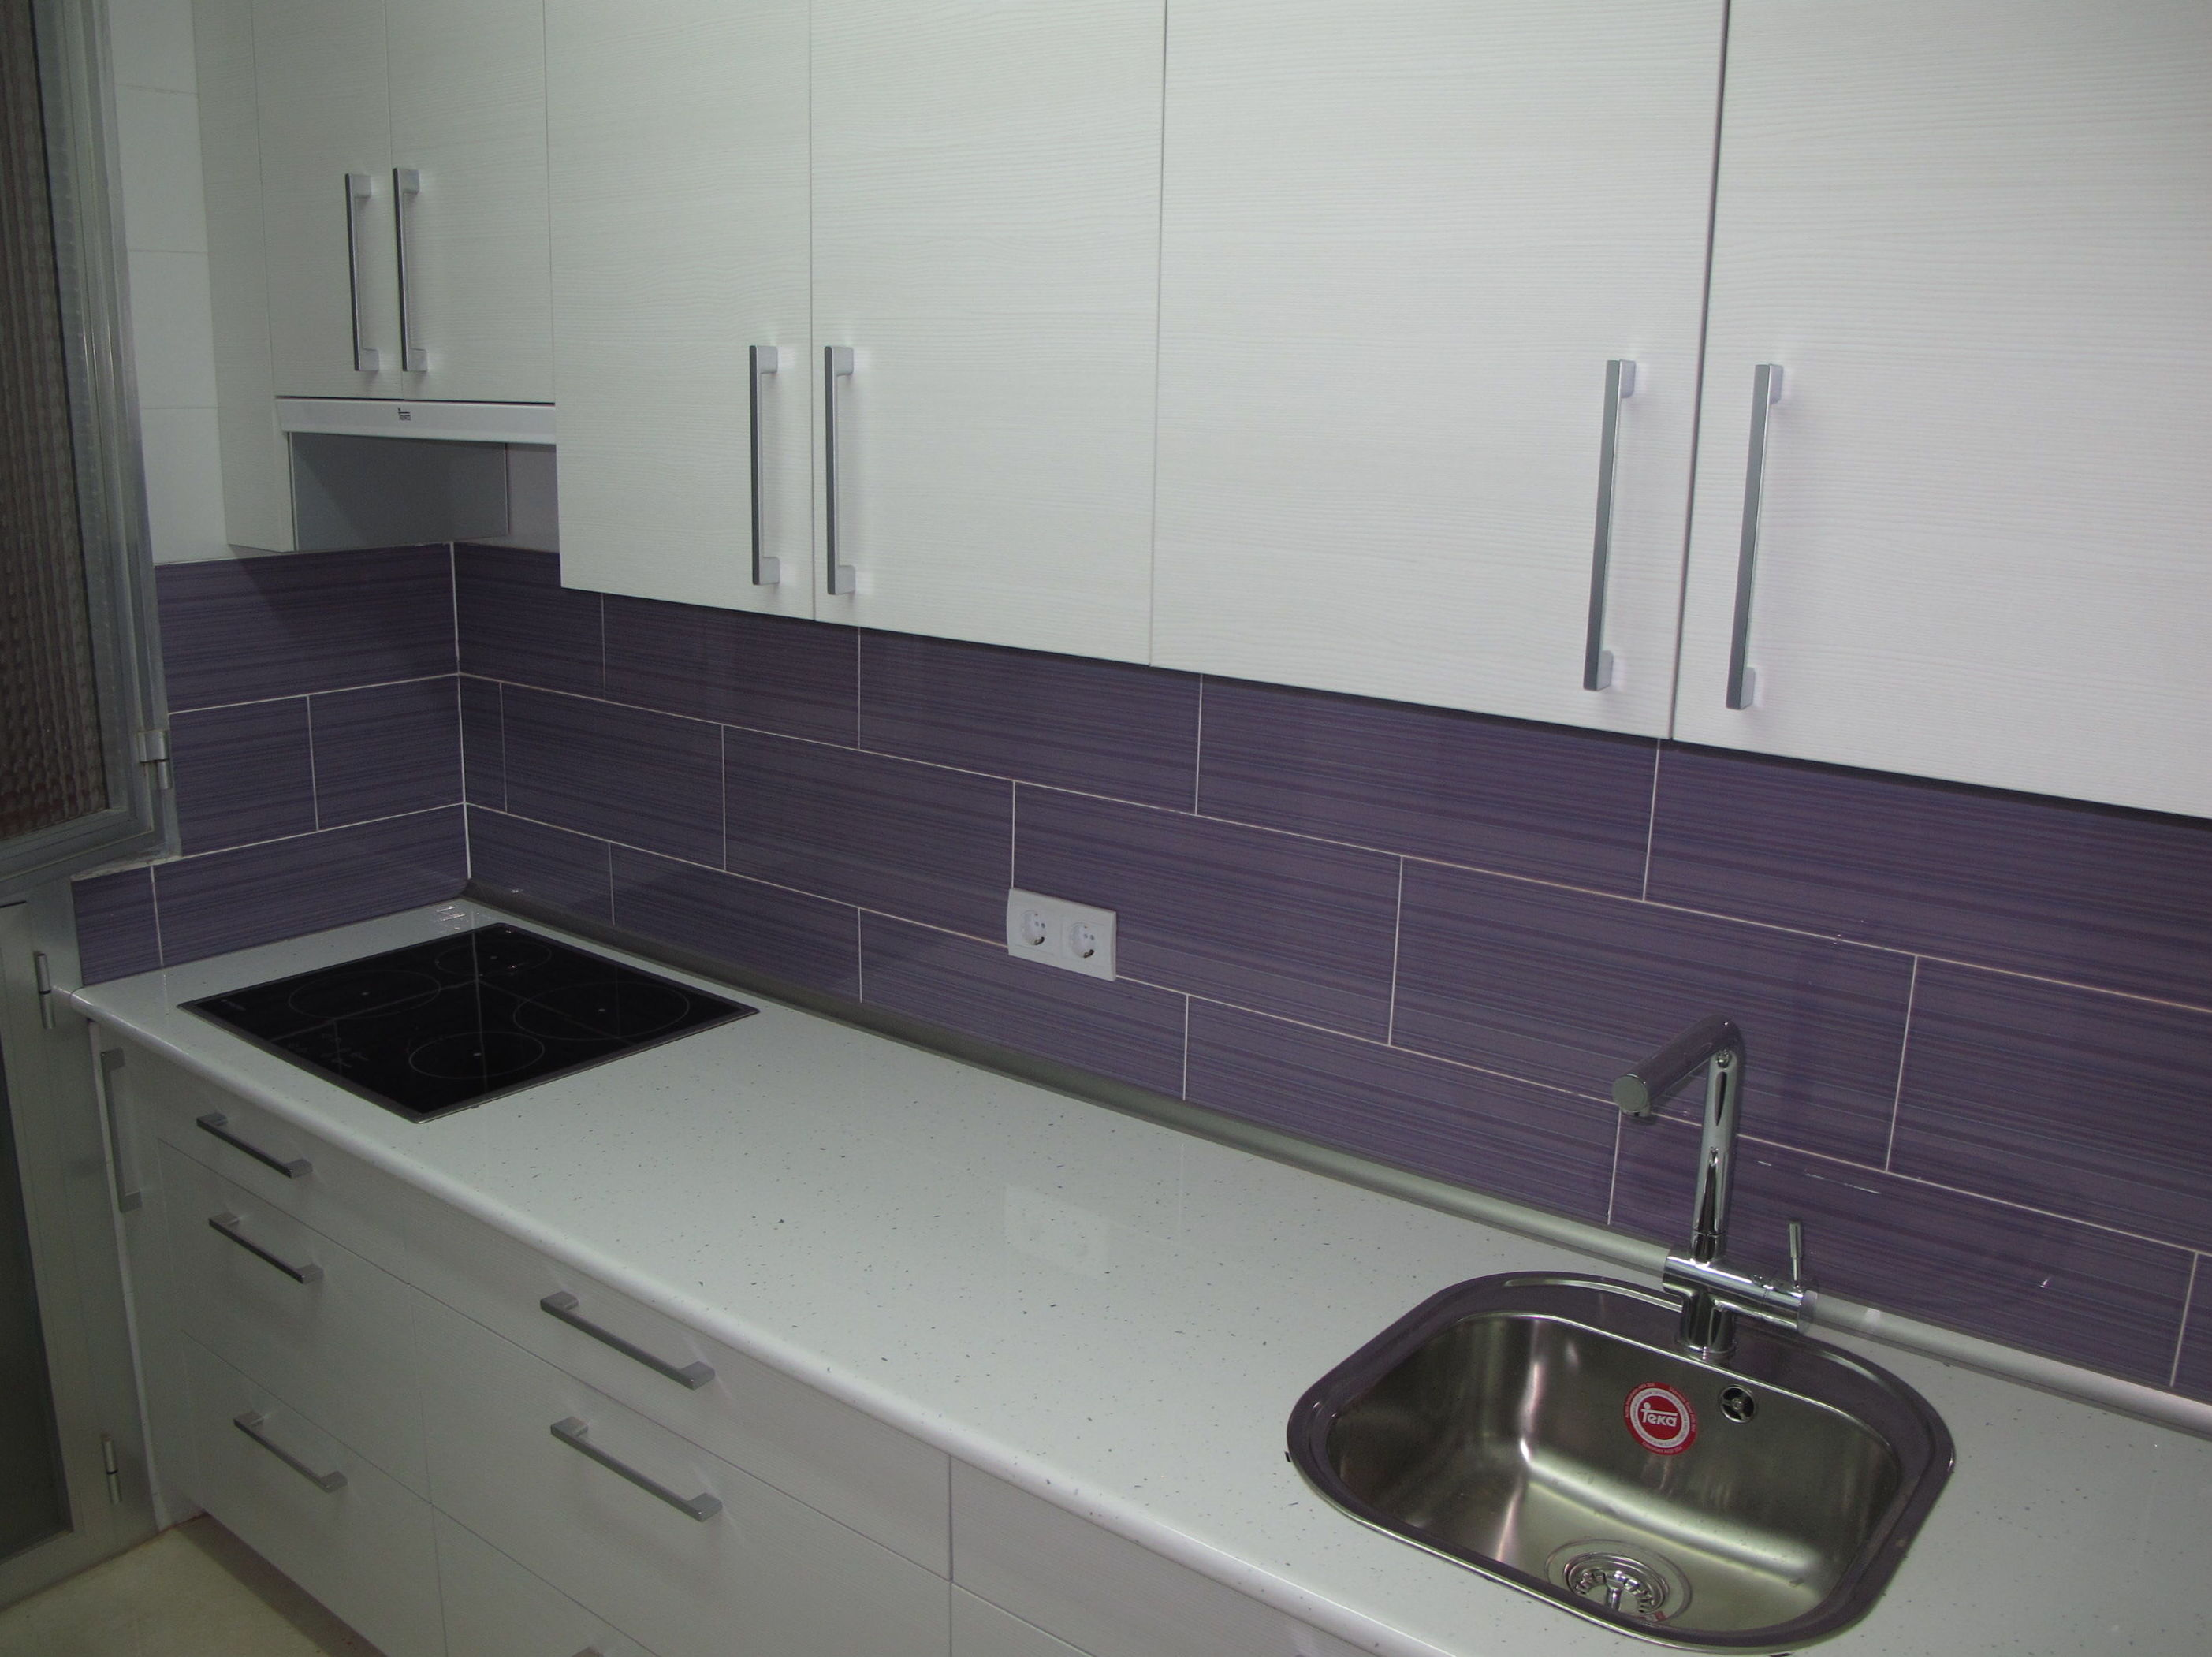 Muebles de cocina proyecto realizado en madrid cat logo - Muebles de cocina madrid ...